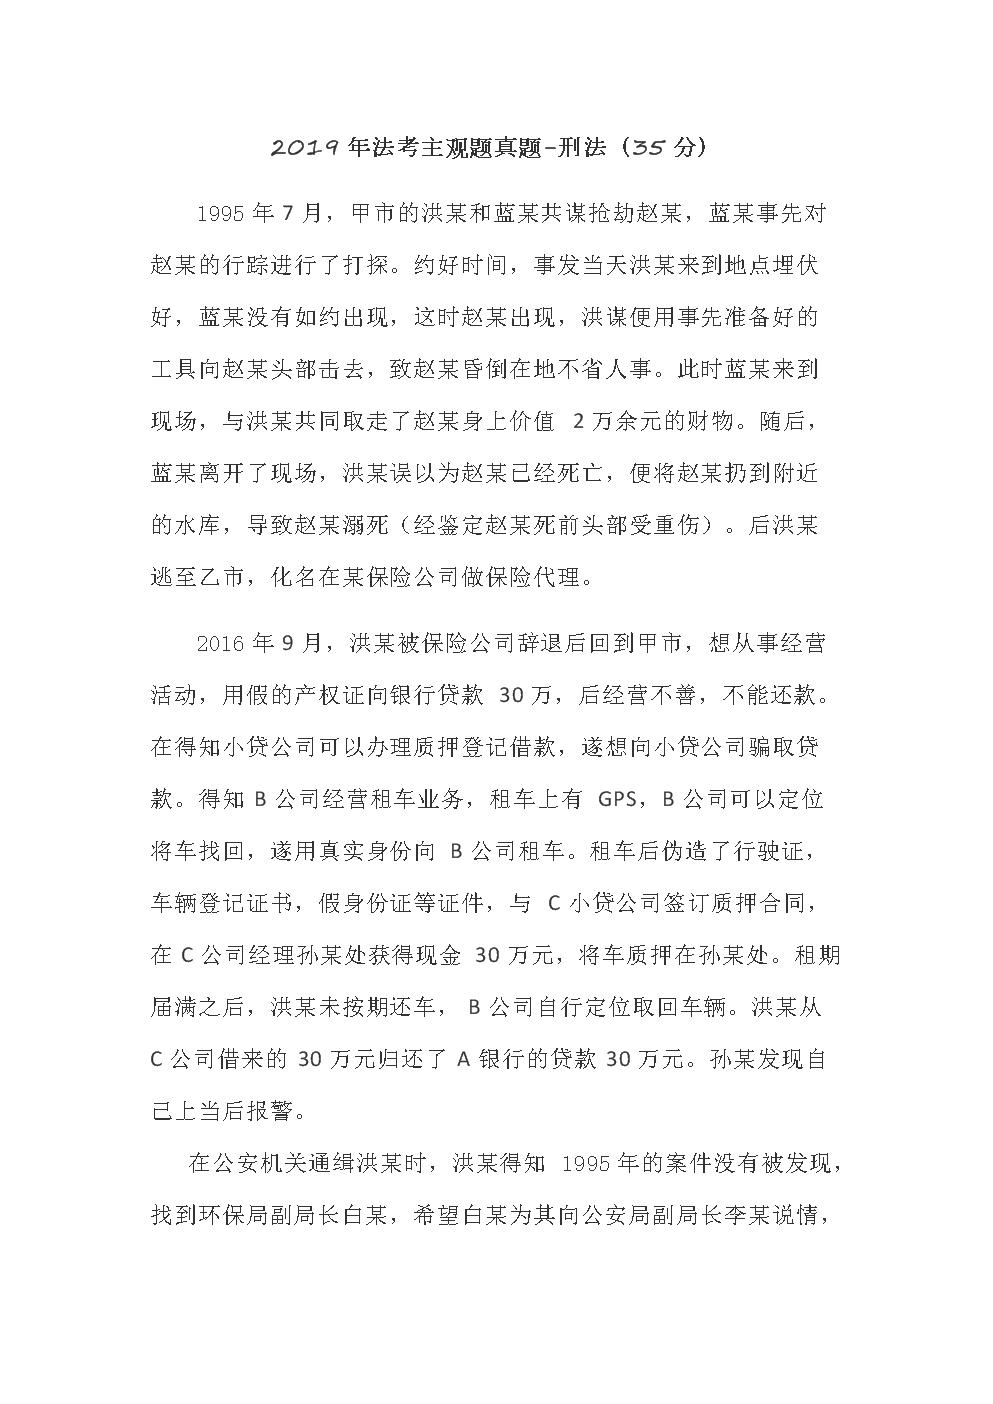 2019年法考主观题真题(含解答).doc